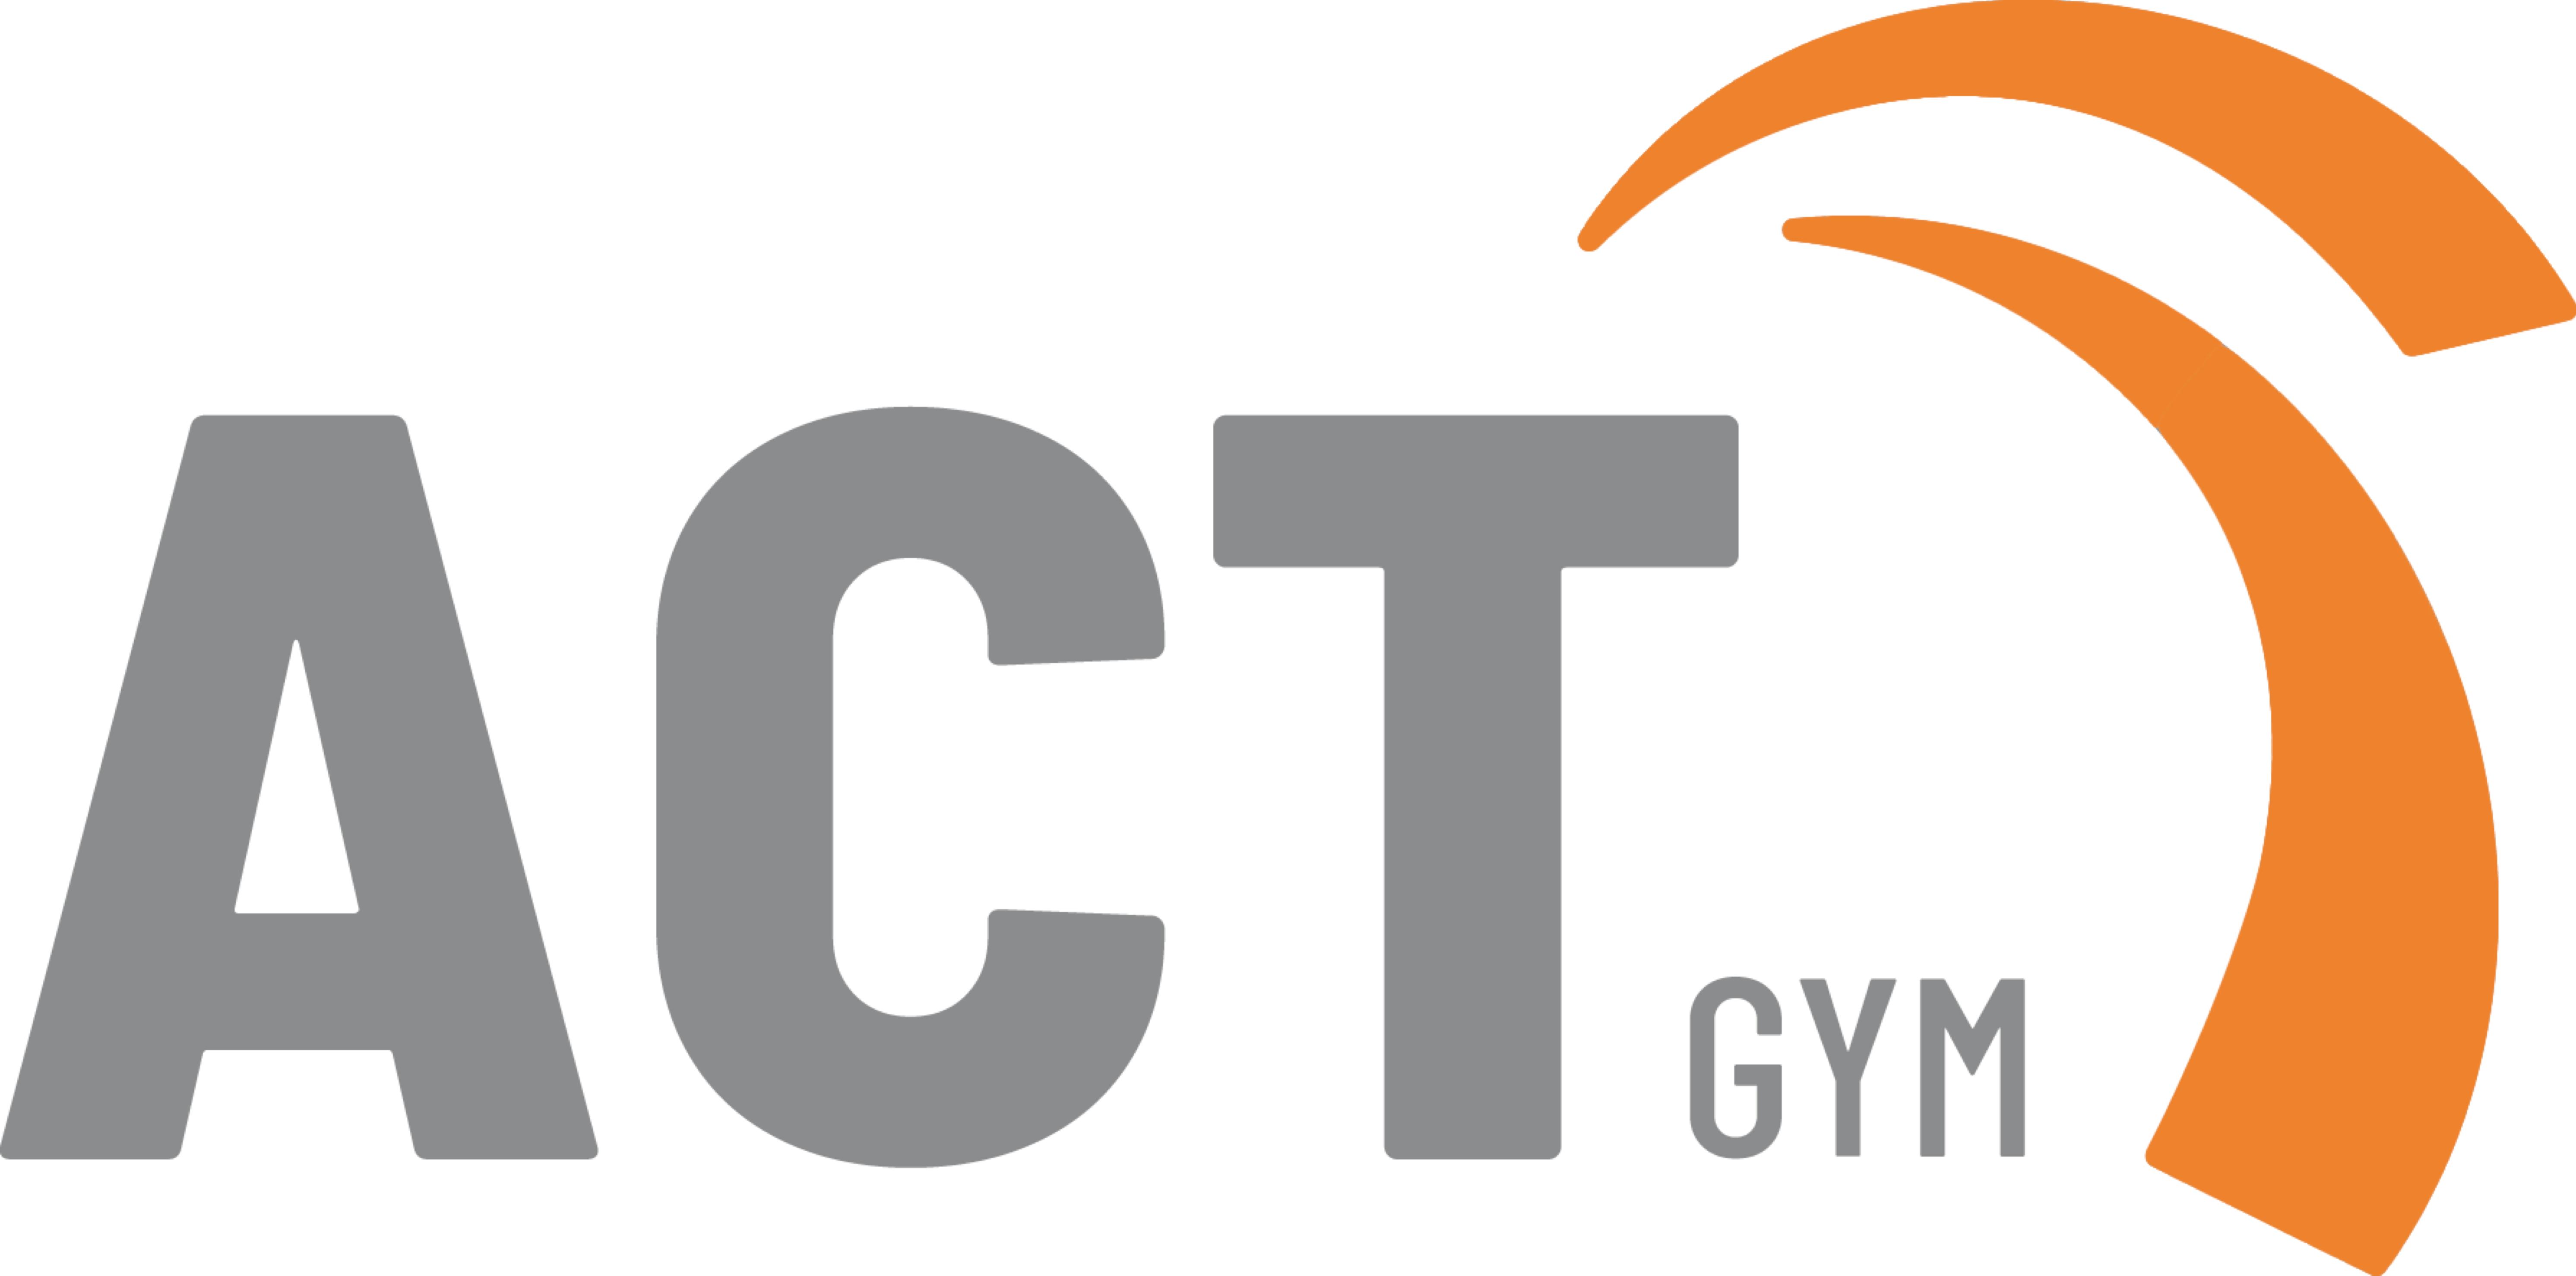 ACT GYM